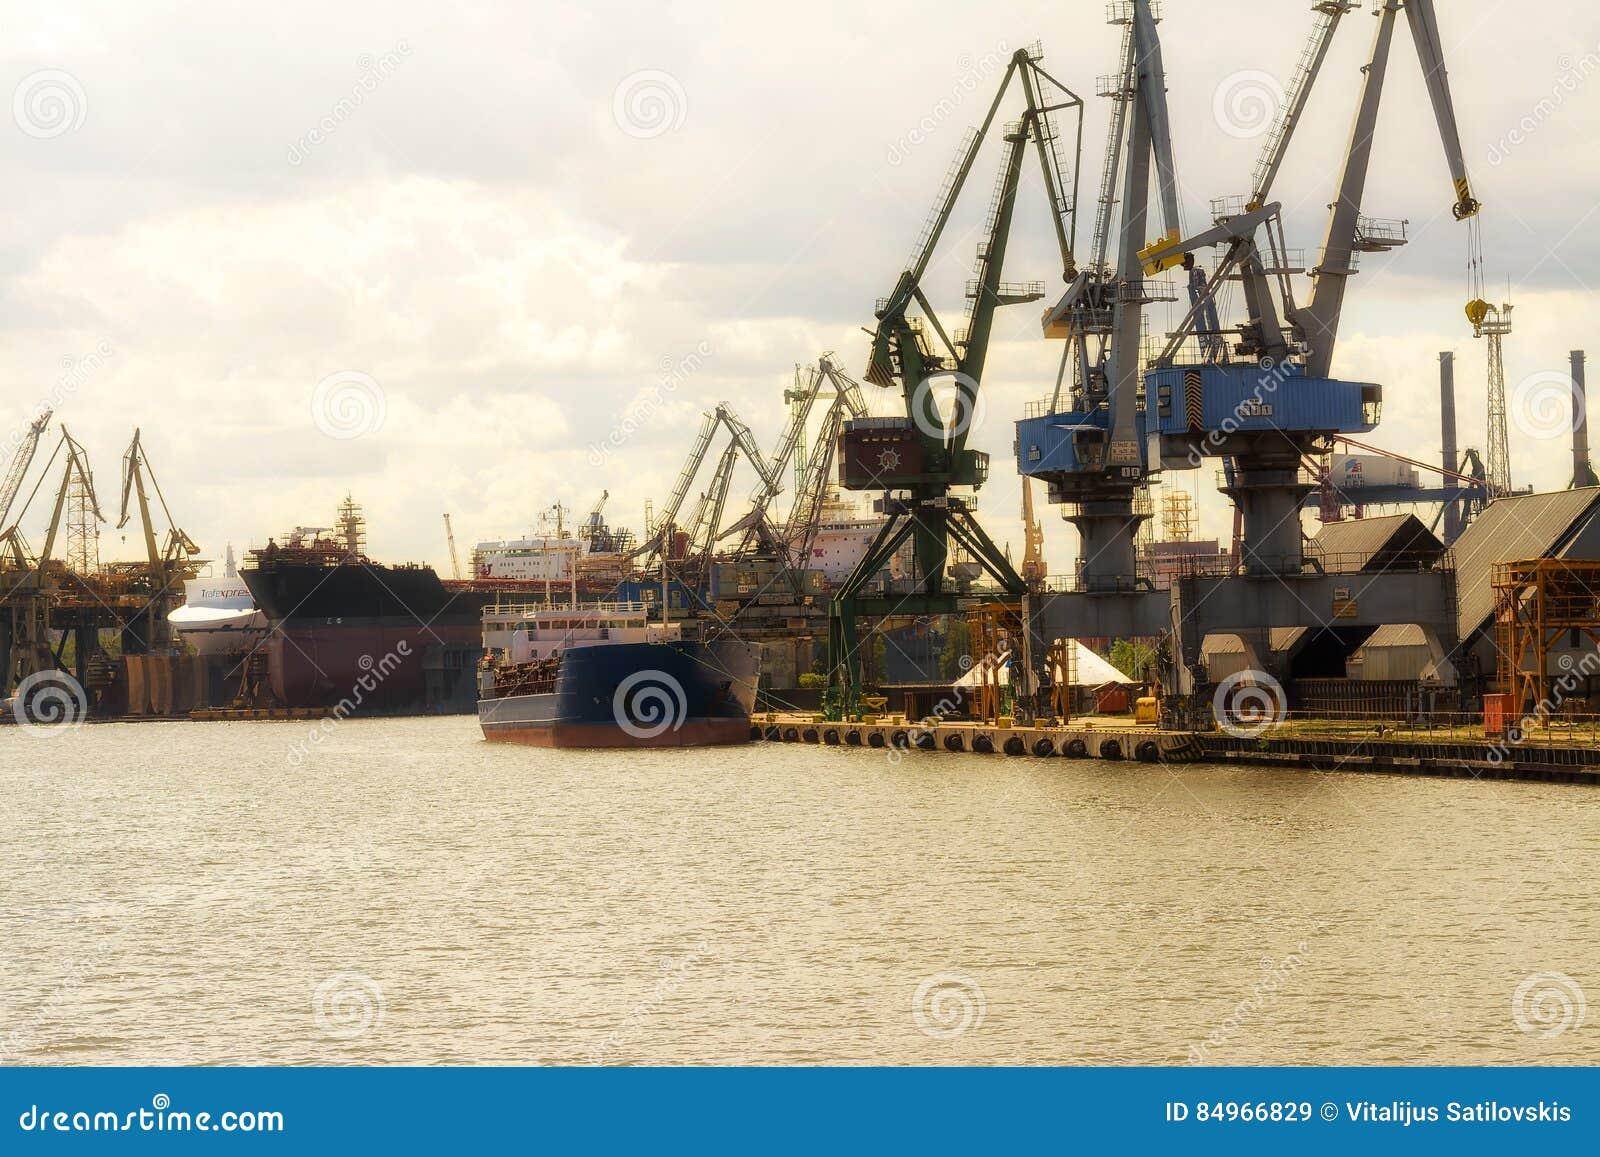 Gdansk, Polonia - 21 de junio de 2016: muchas grúas en fondo, trabajadores, barco de envío